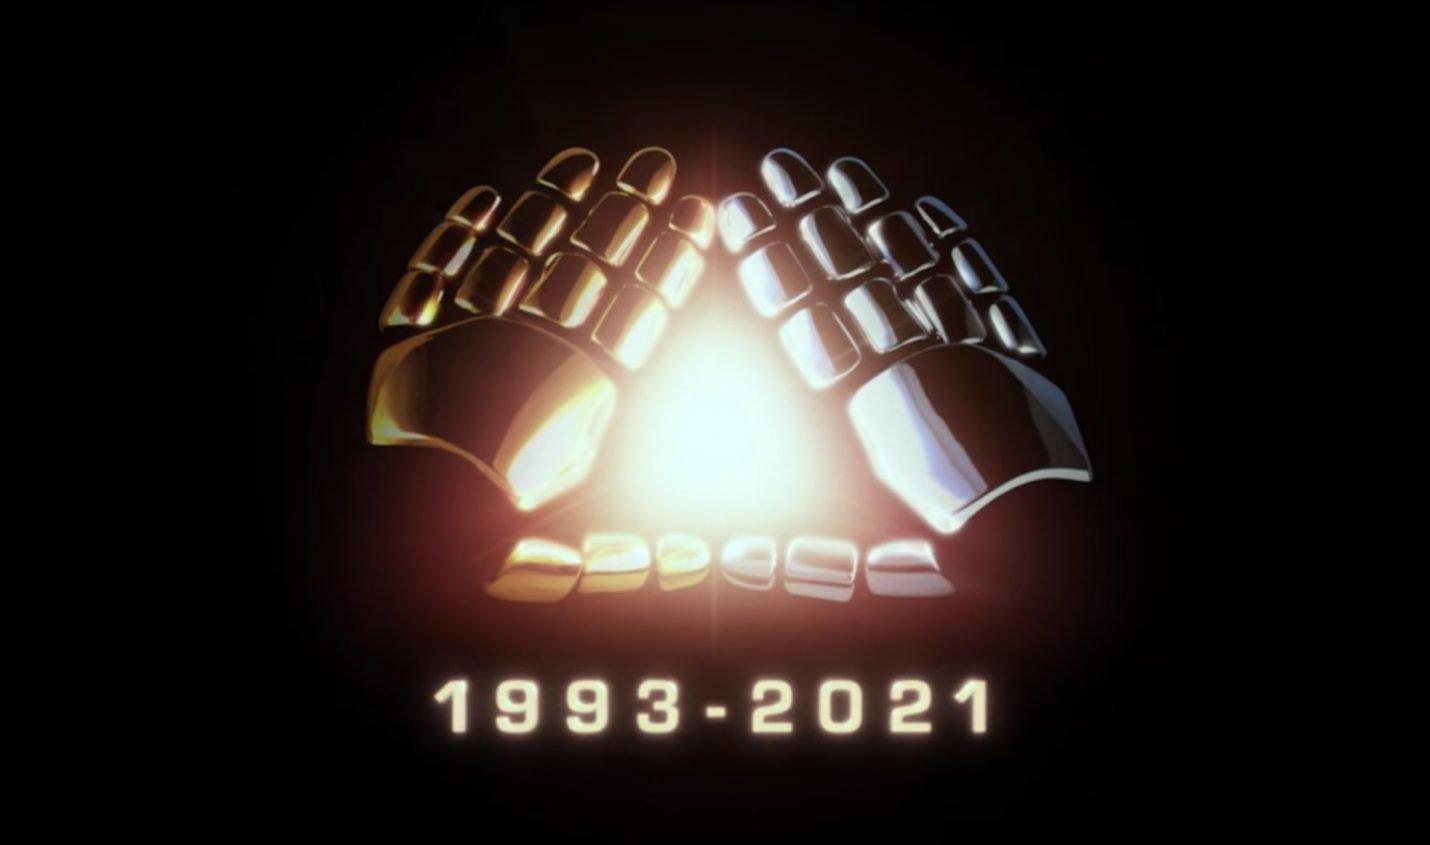 Daft Punk sagt Lebewohl und löst sich auf